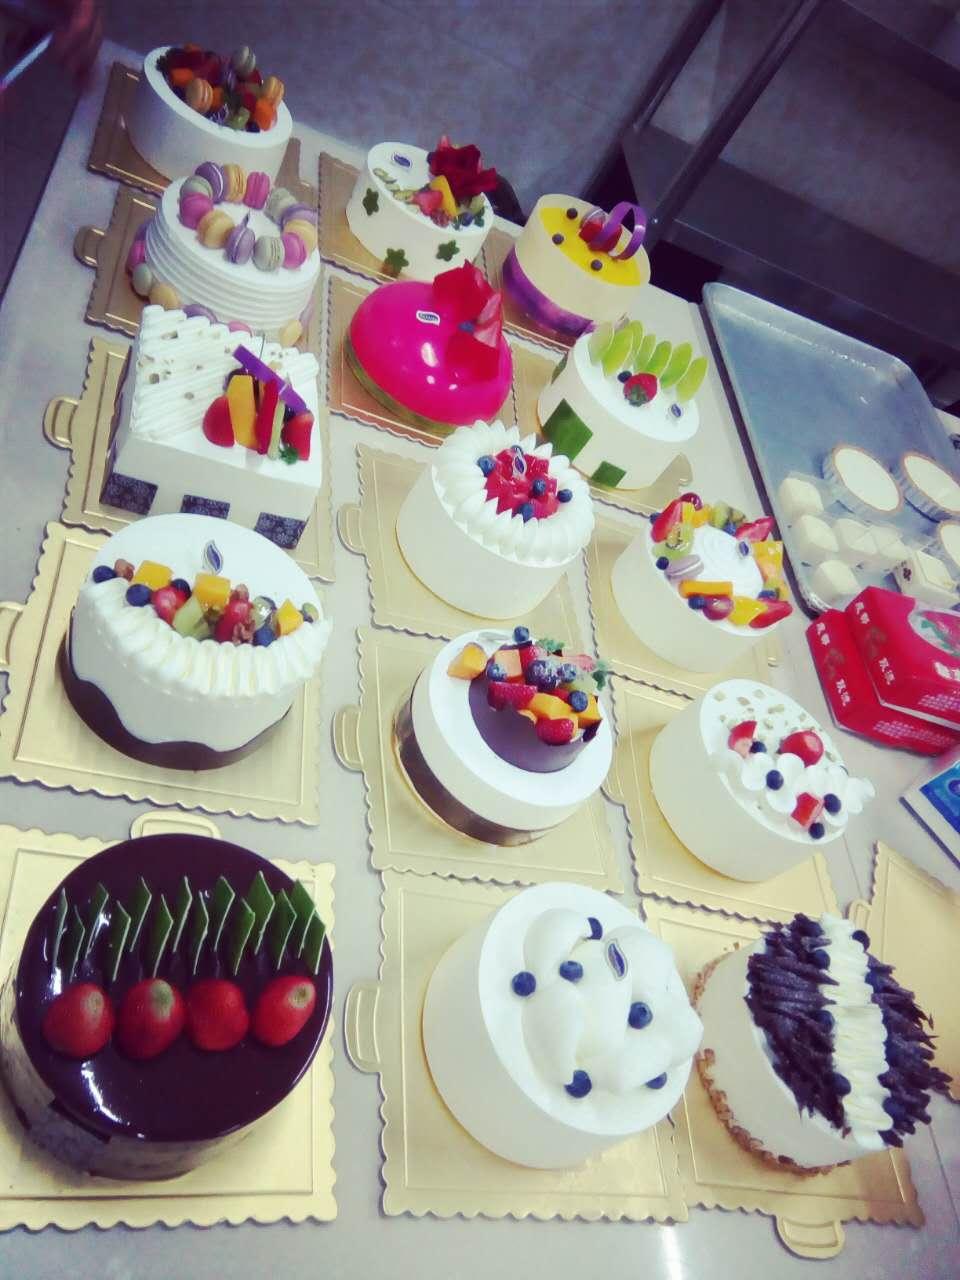 西点烘焙糕点学校,王森蛋糕烘焙学校,面包蛋糕芝士班